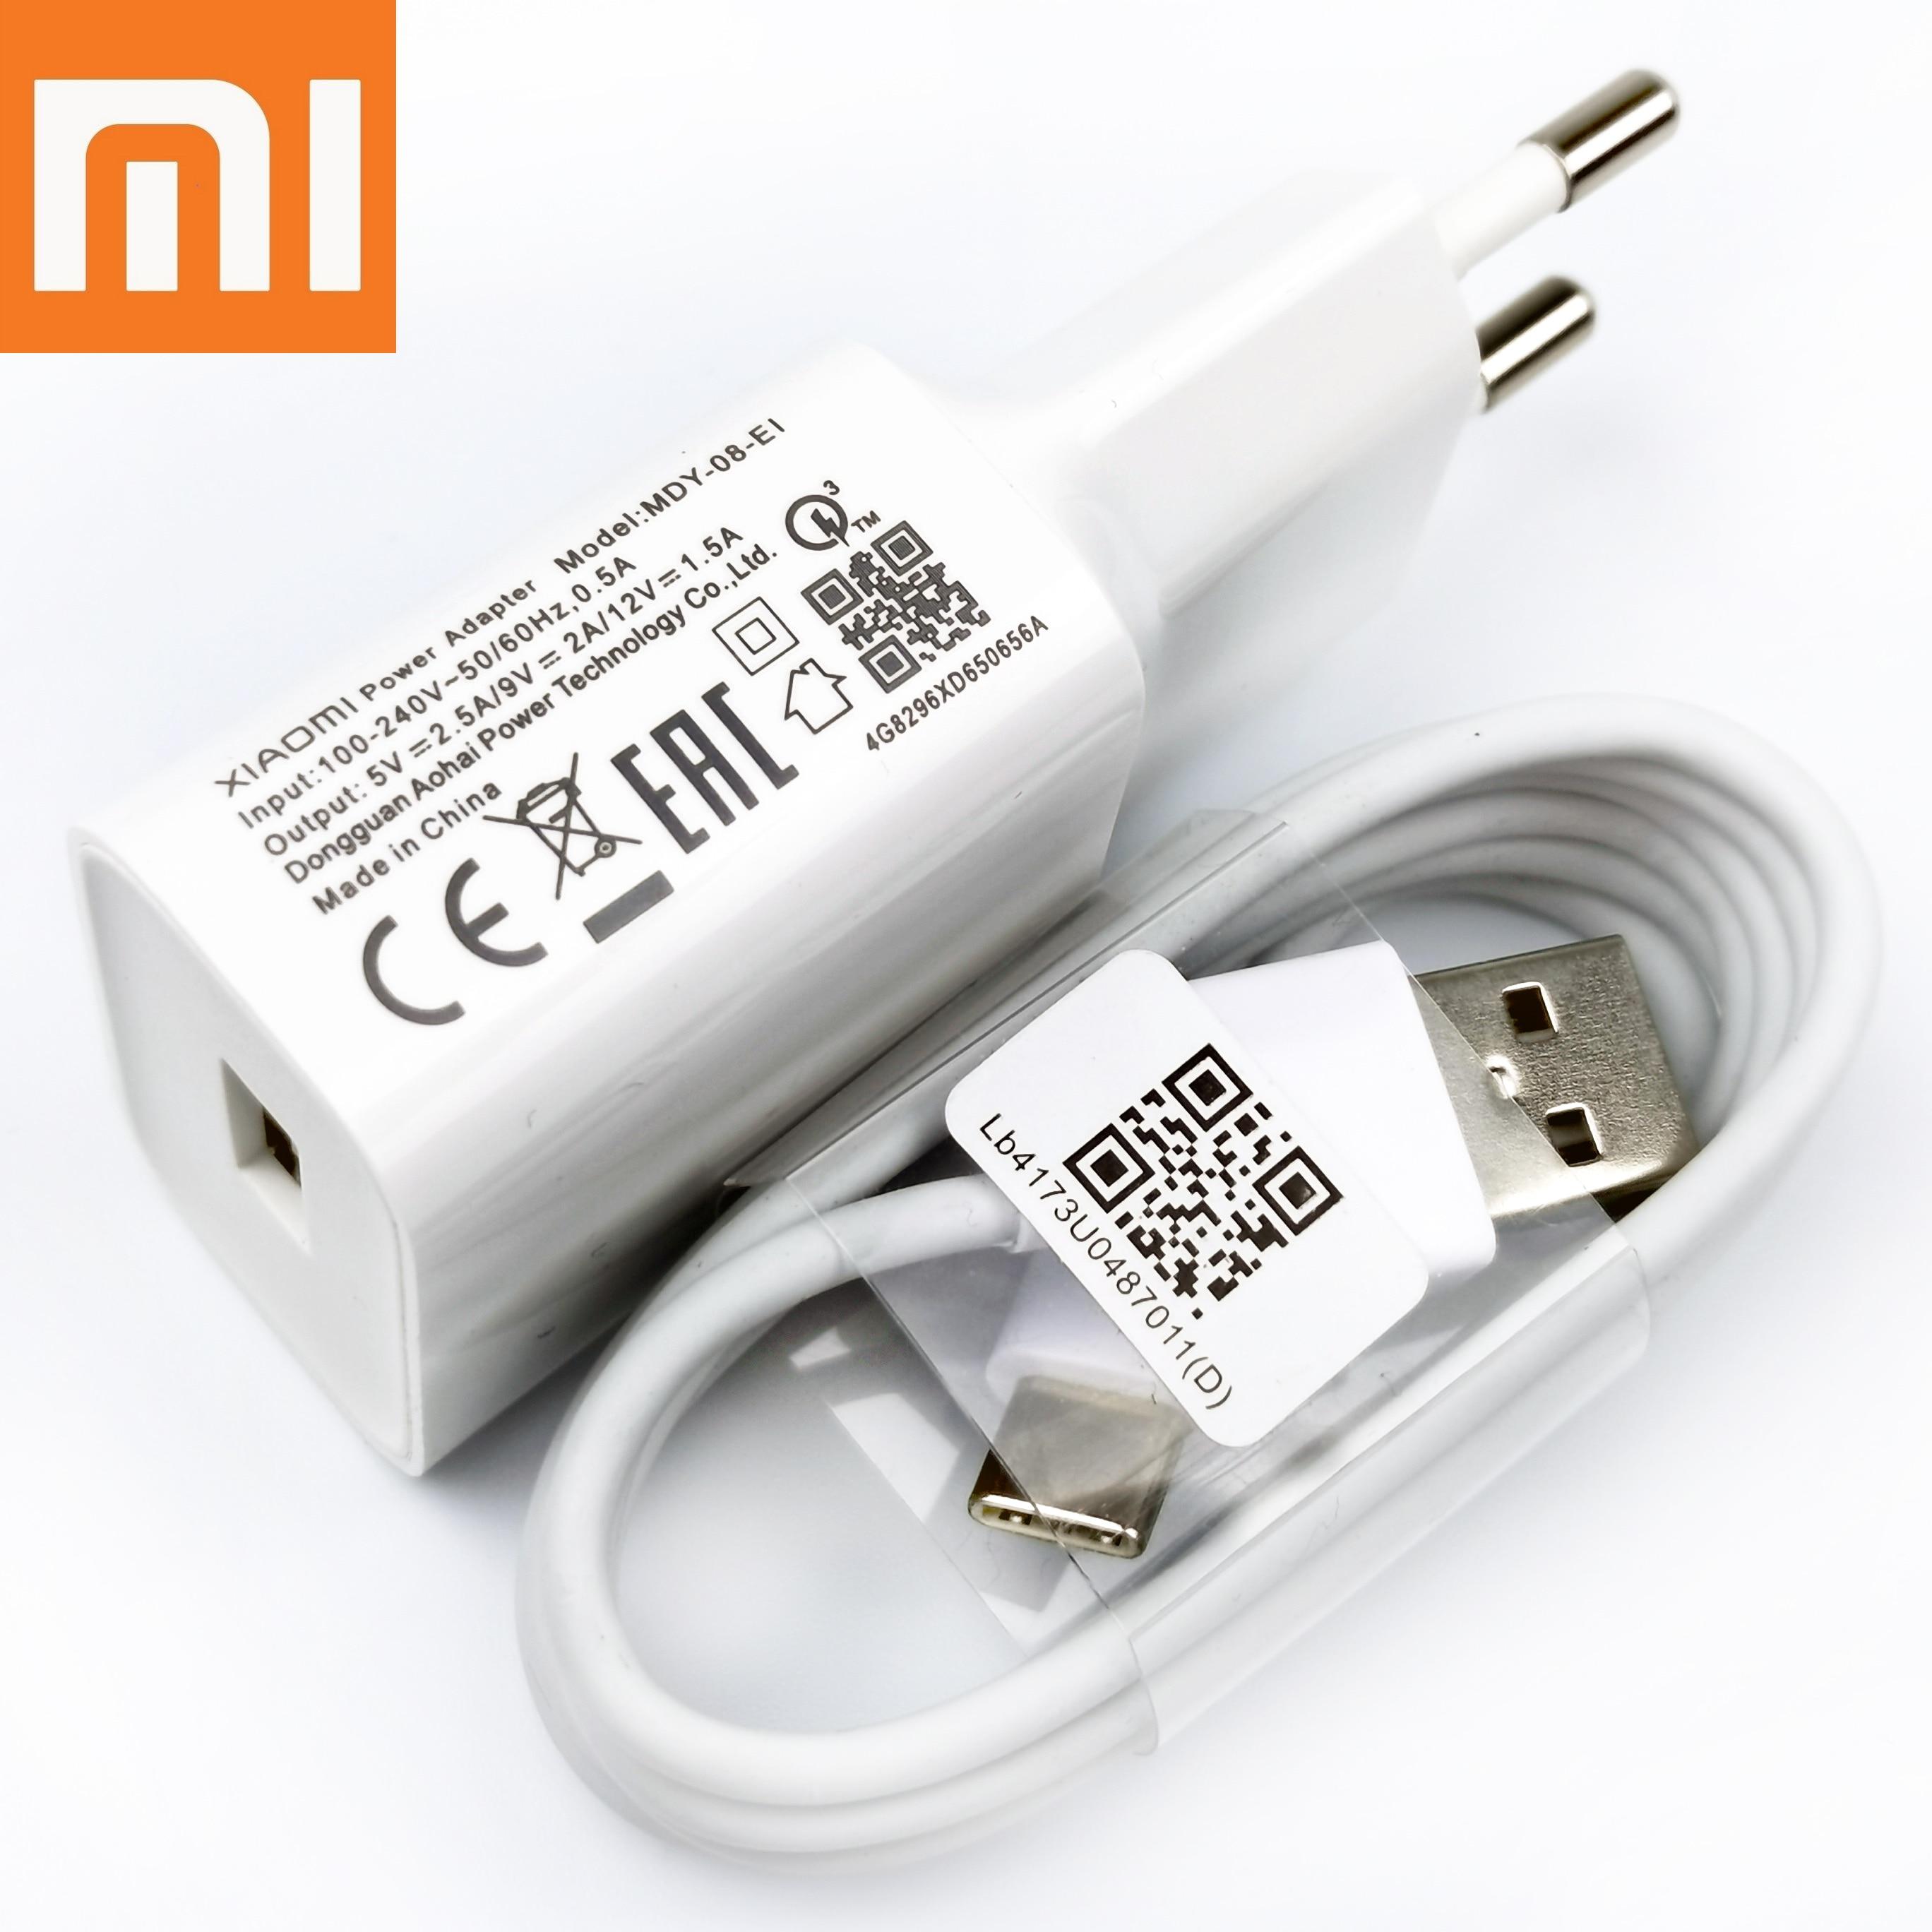 Оригинальное быстрое зарядное устройство XiaoMi RedMi Note7 18 Вт QC3.0 usb-c, быстрое зарядное устройство для Mi 6 Mix 3 2s A2 A1 F1 Redmi 7 8a note 8 9